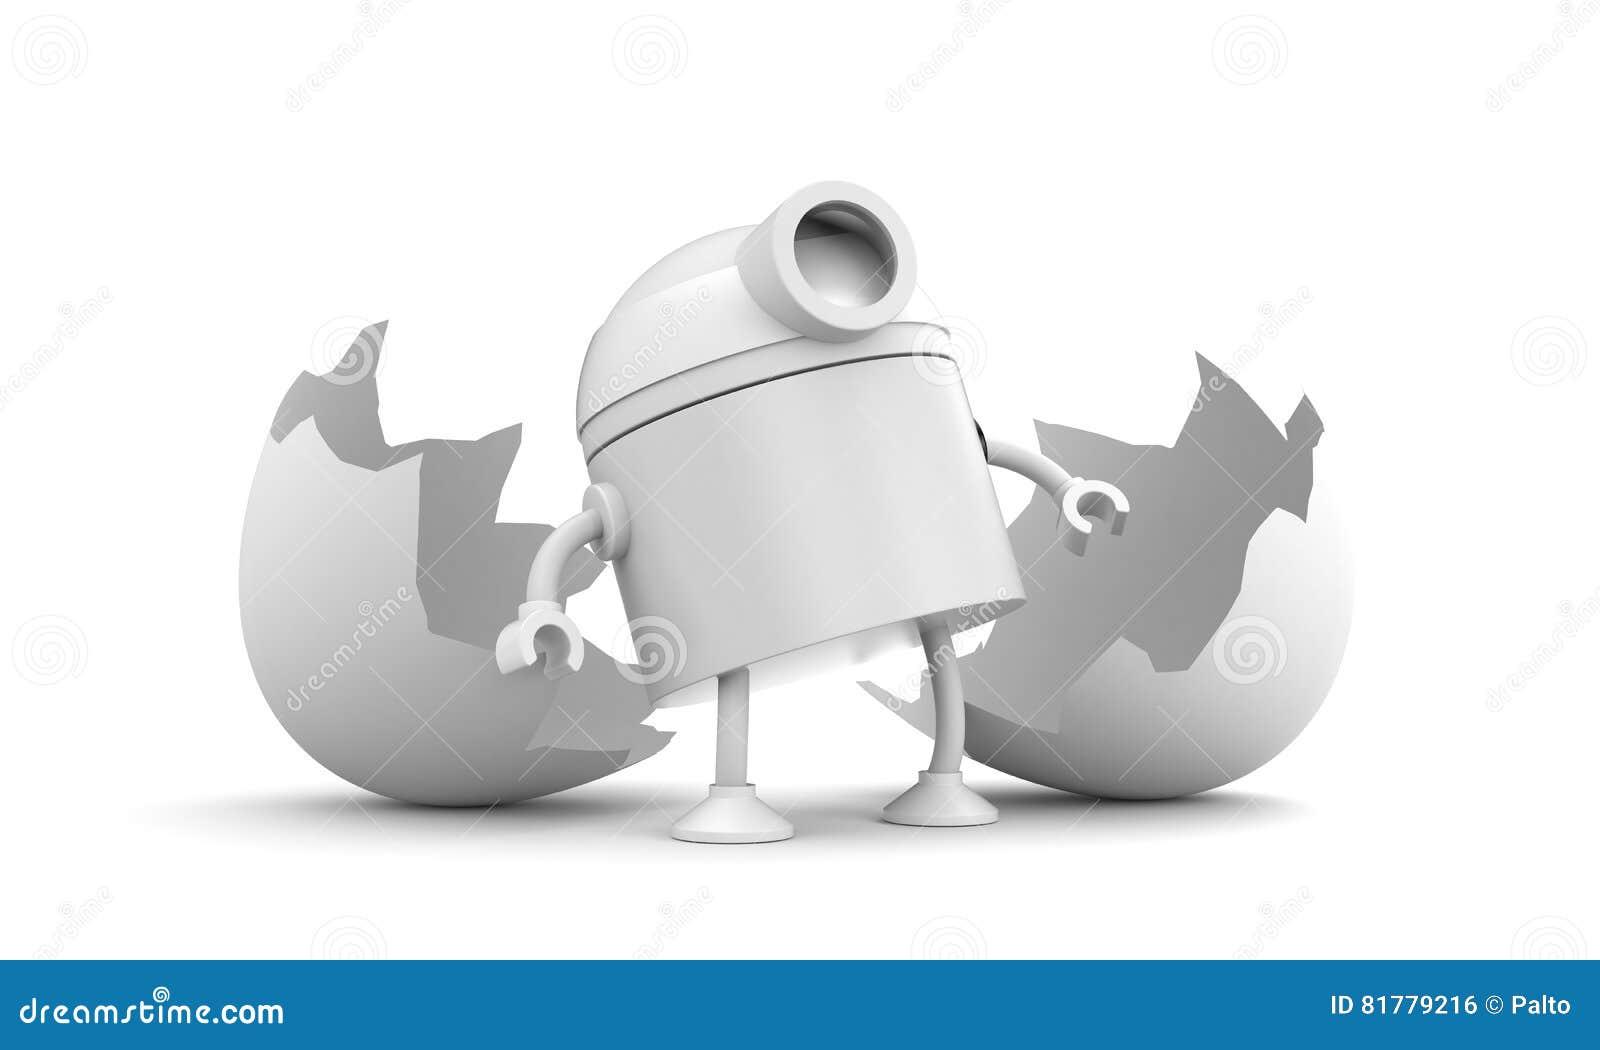 Born of robot. Broken chicken egg